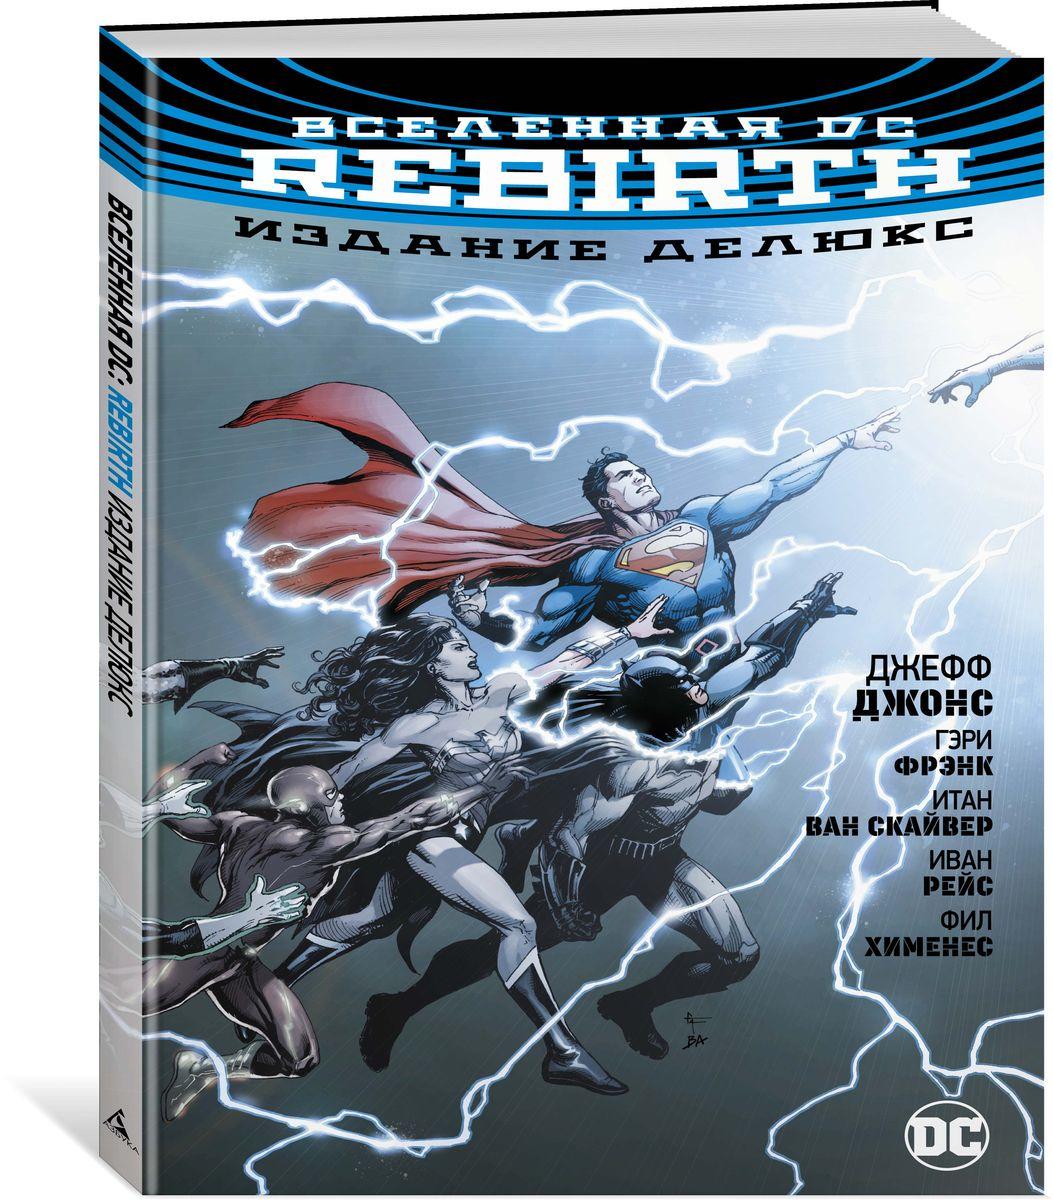 Джефф Джонс Вселенная DC. Rebirth. Издание делюкс